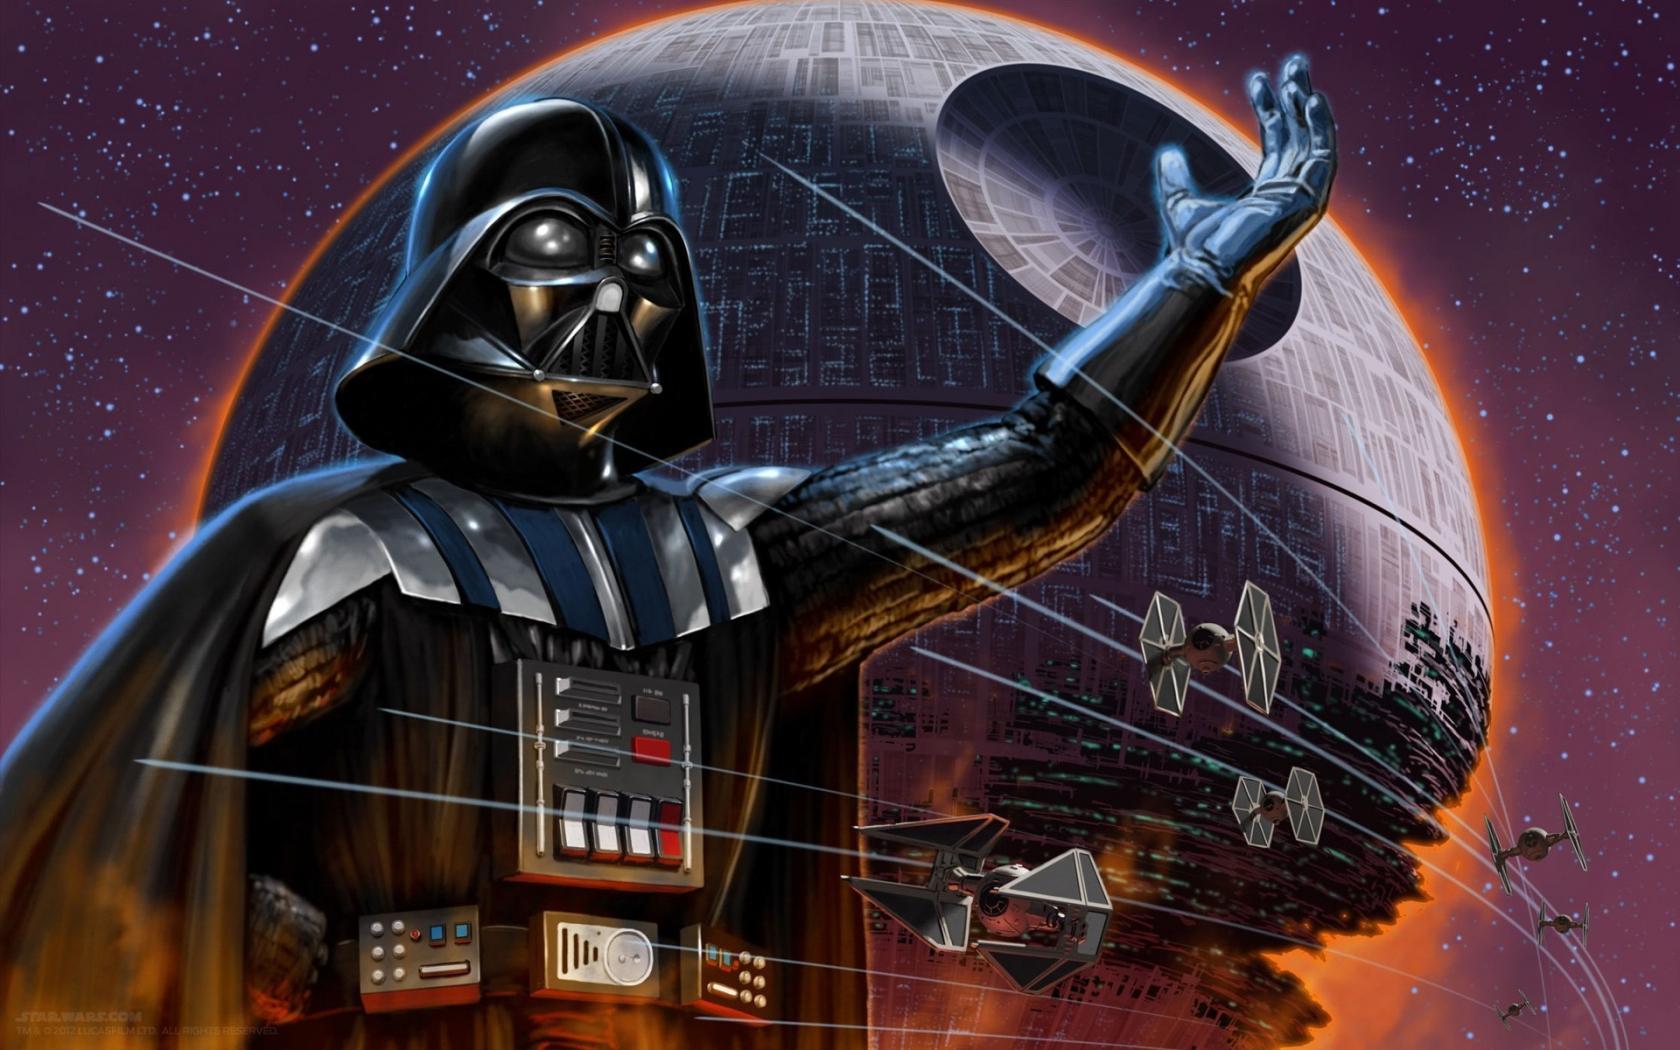 Free Download Wallpaper Hd Darth Vader Star Wars Character